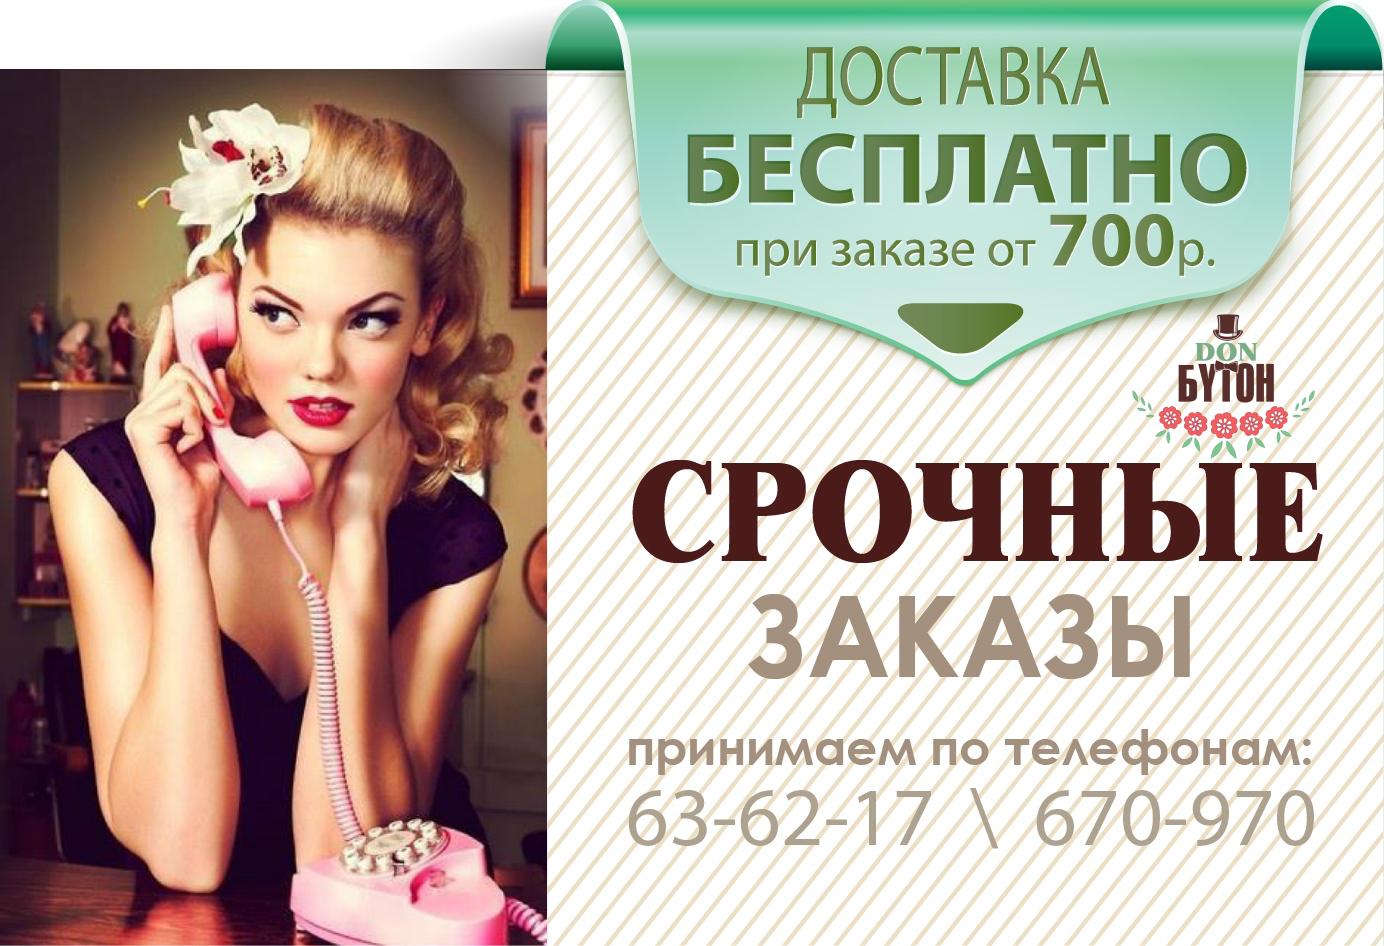 Срочные заказы цветов Петрозаводск - при заказе от 700 рублей доставка бесплатно!